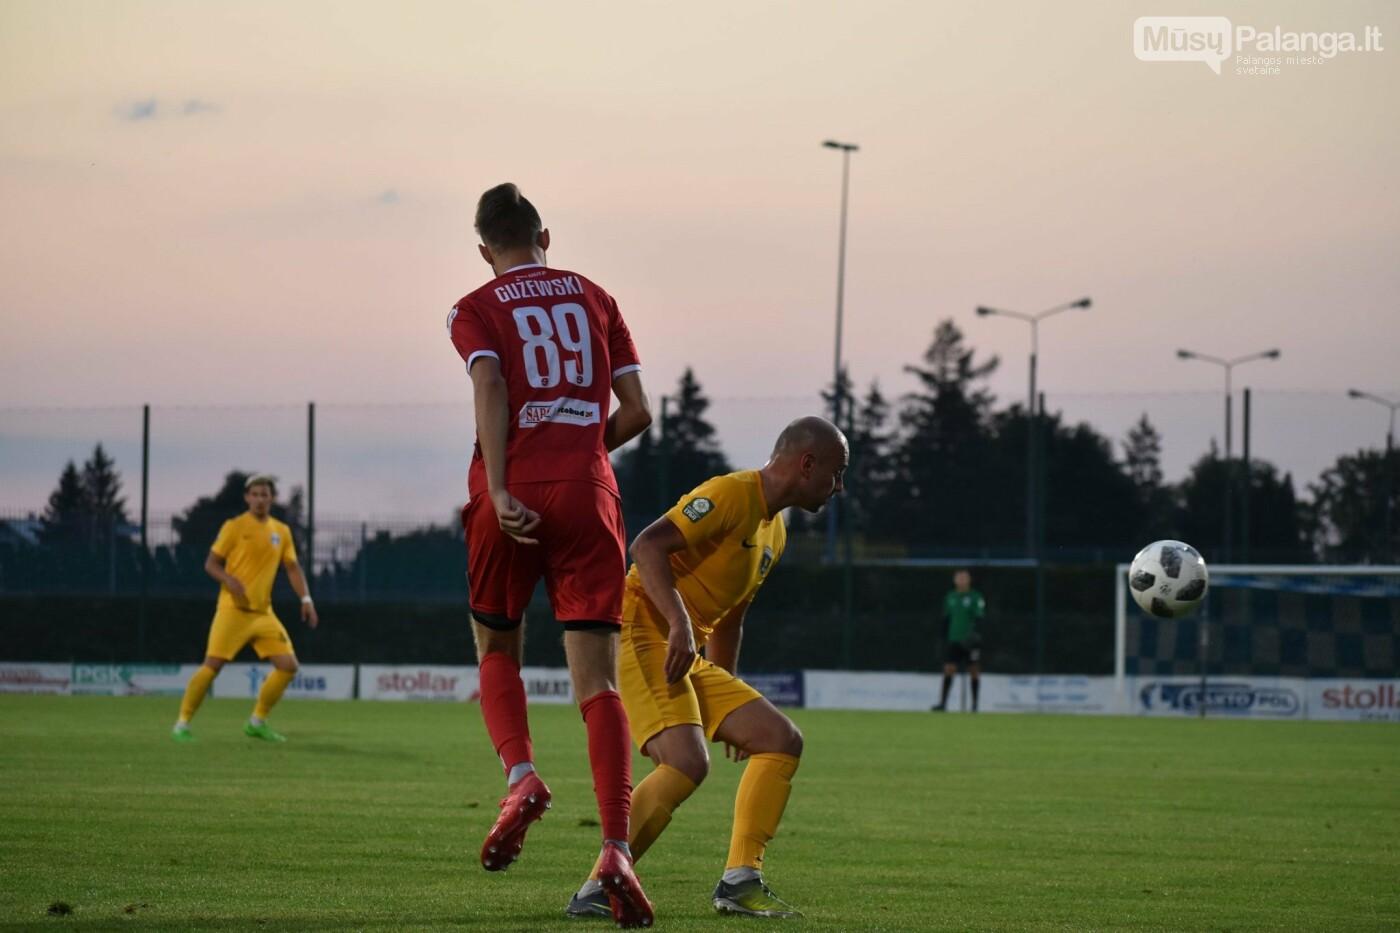 Kontrolinėse rungtynėse Lenkijoje – būrys peržiūroje dalyvaujančių futbolininkų bei naujas treneris, nuotrauka-30